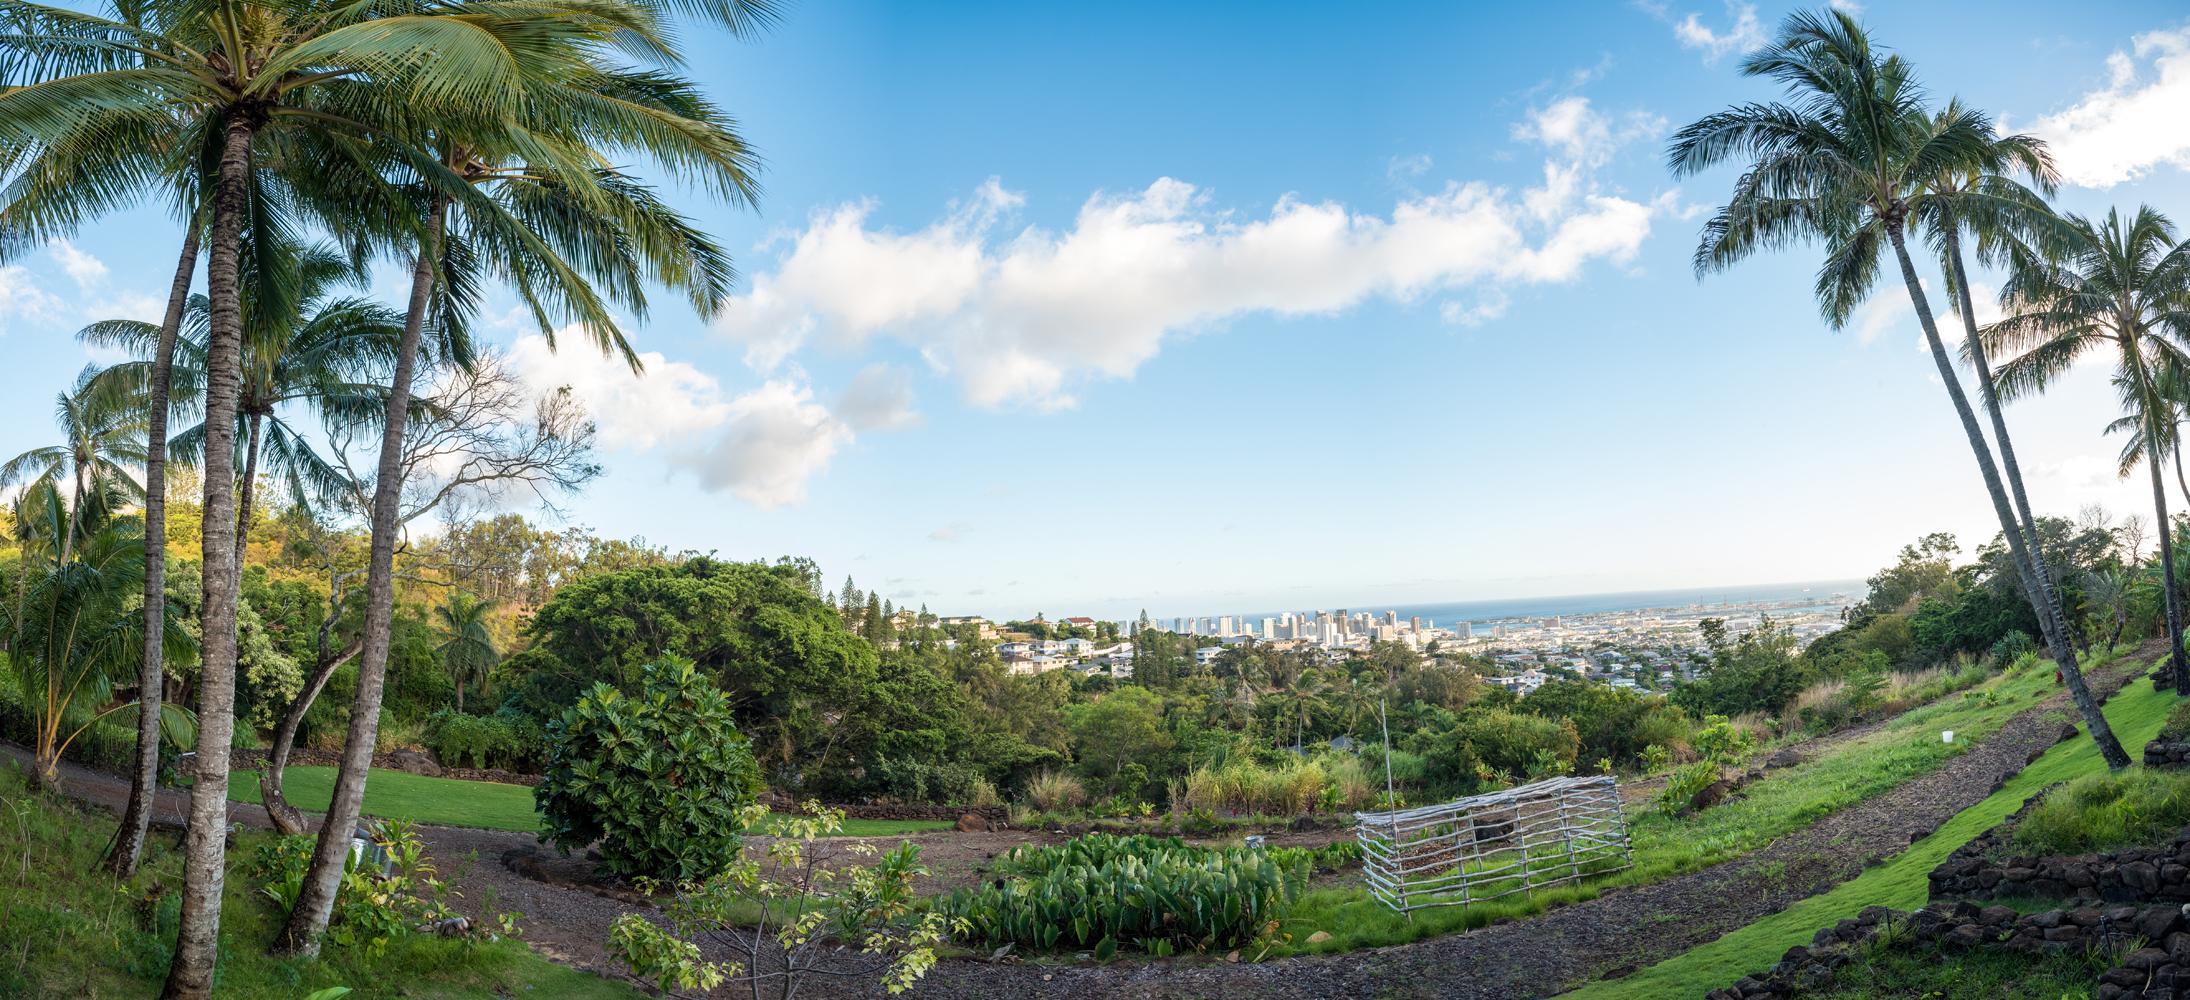 View from Kamehameha Schools Heritage Center